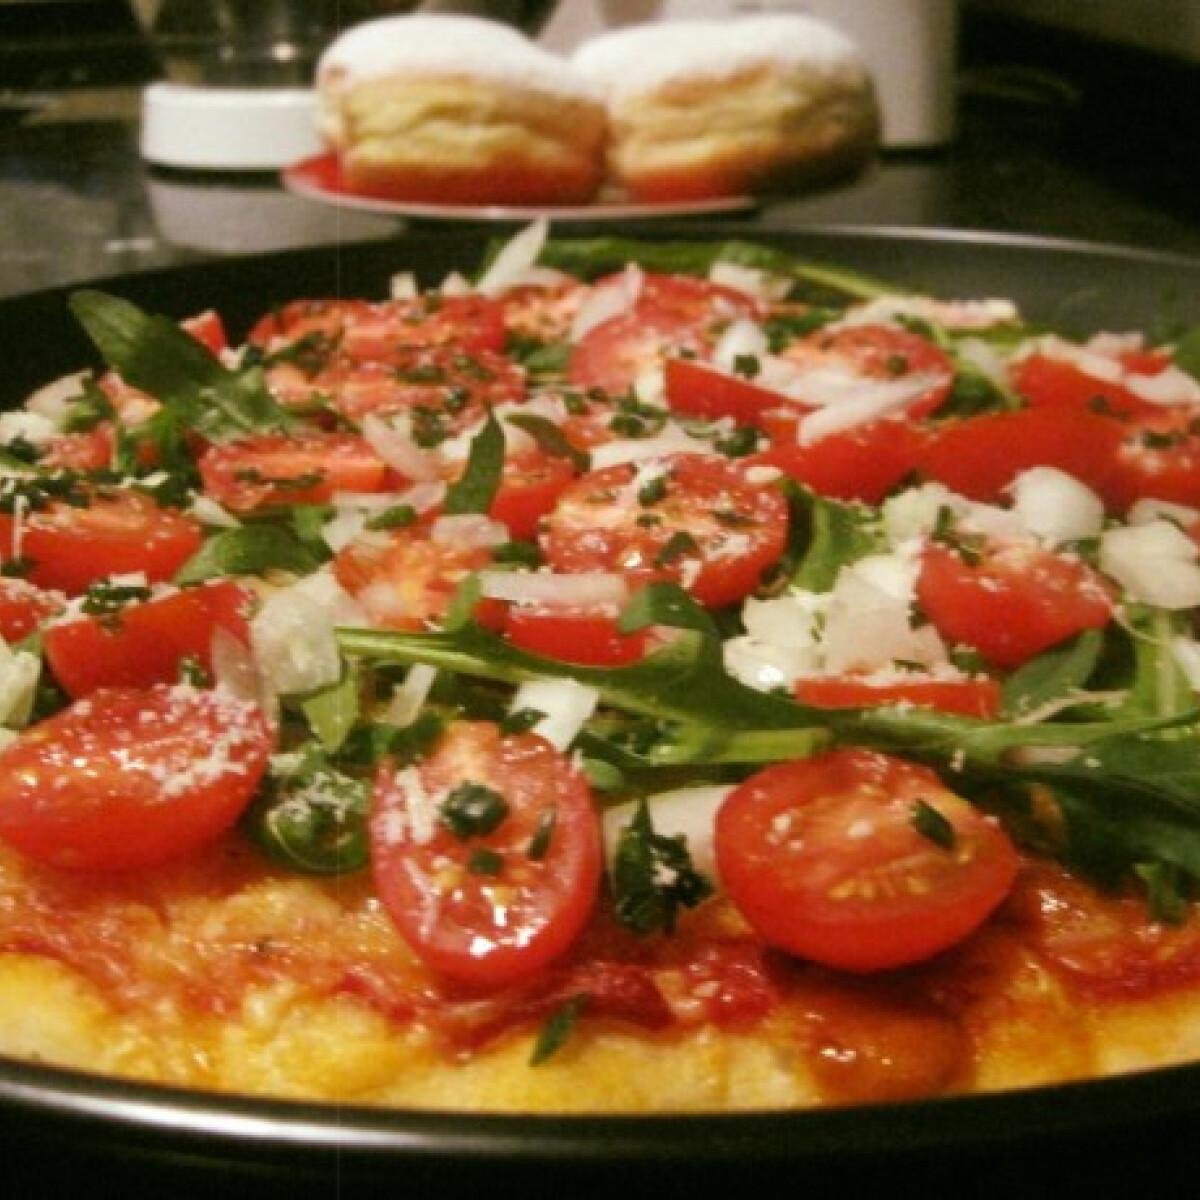 Sörrel készült pizzatészta, vegetáriánus feltéttel